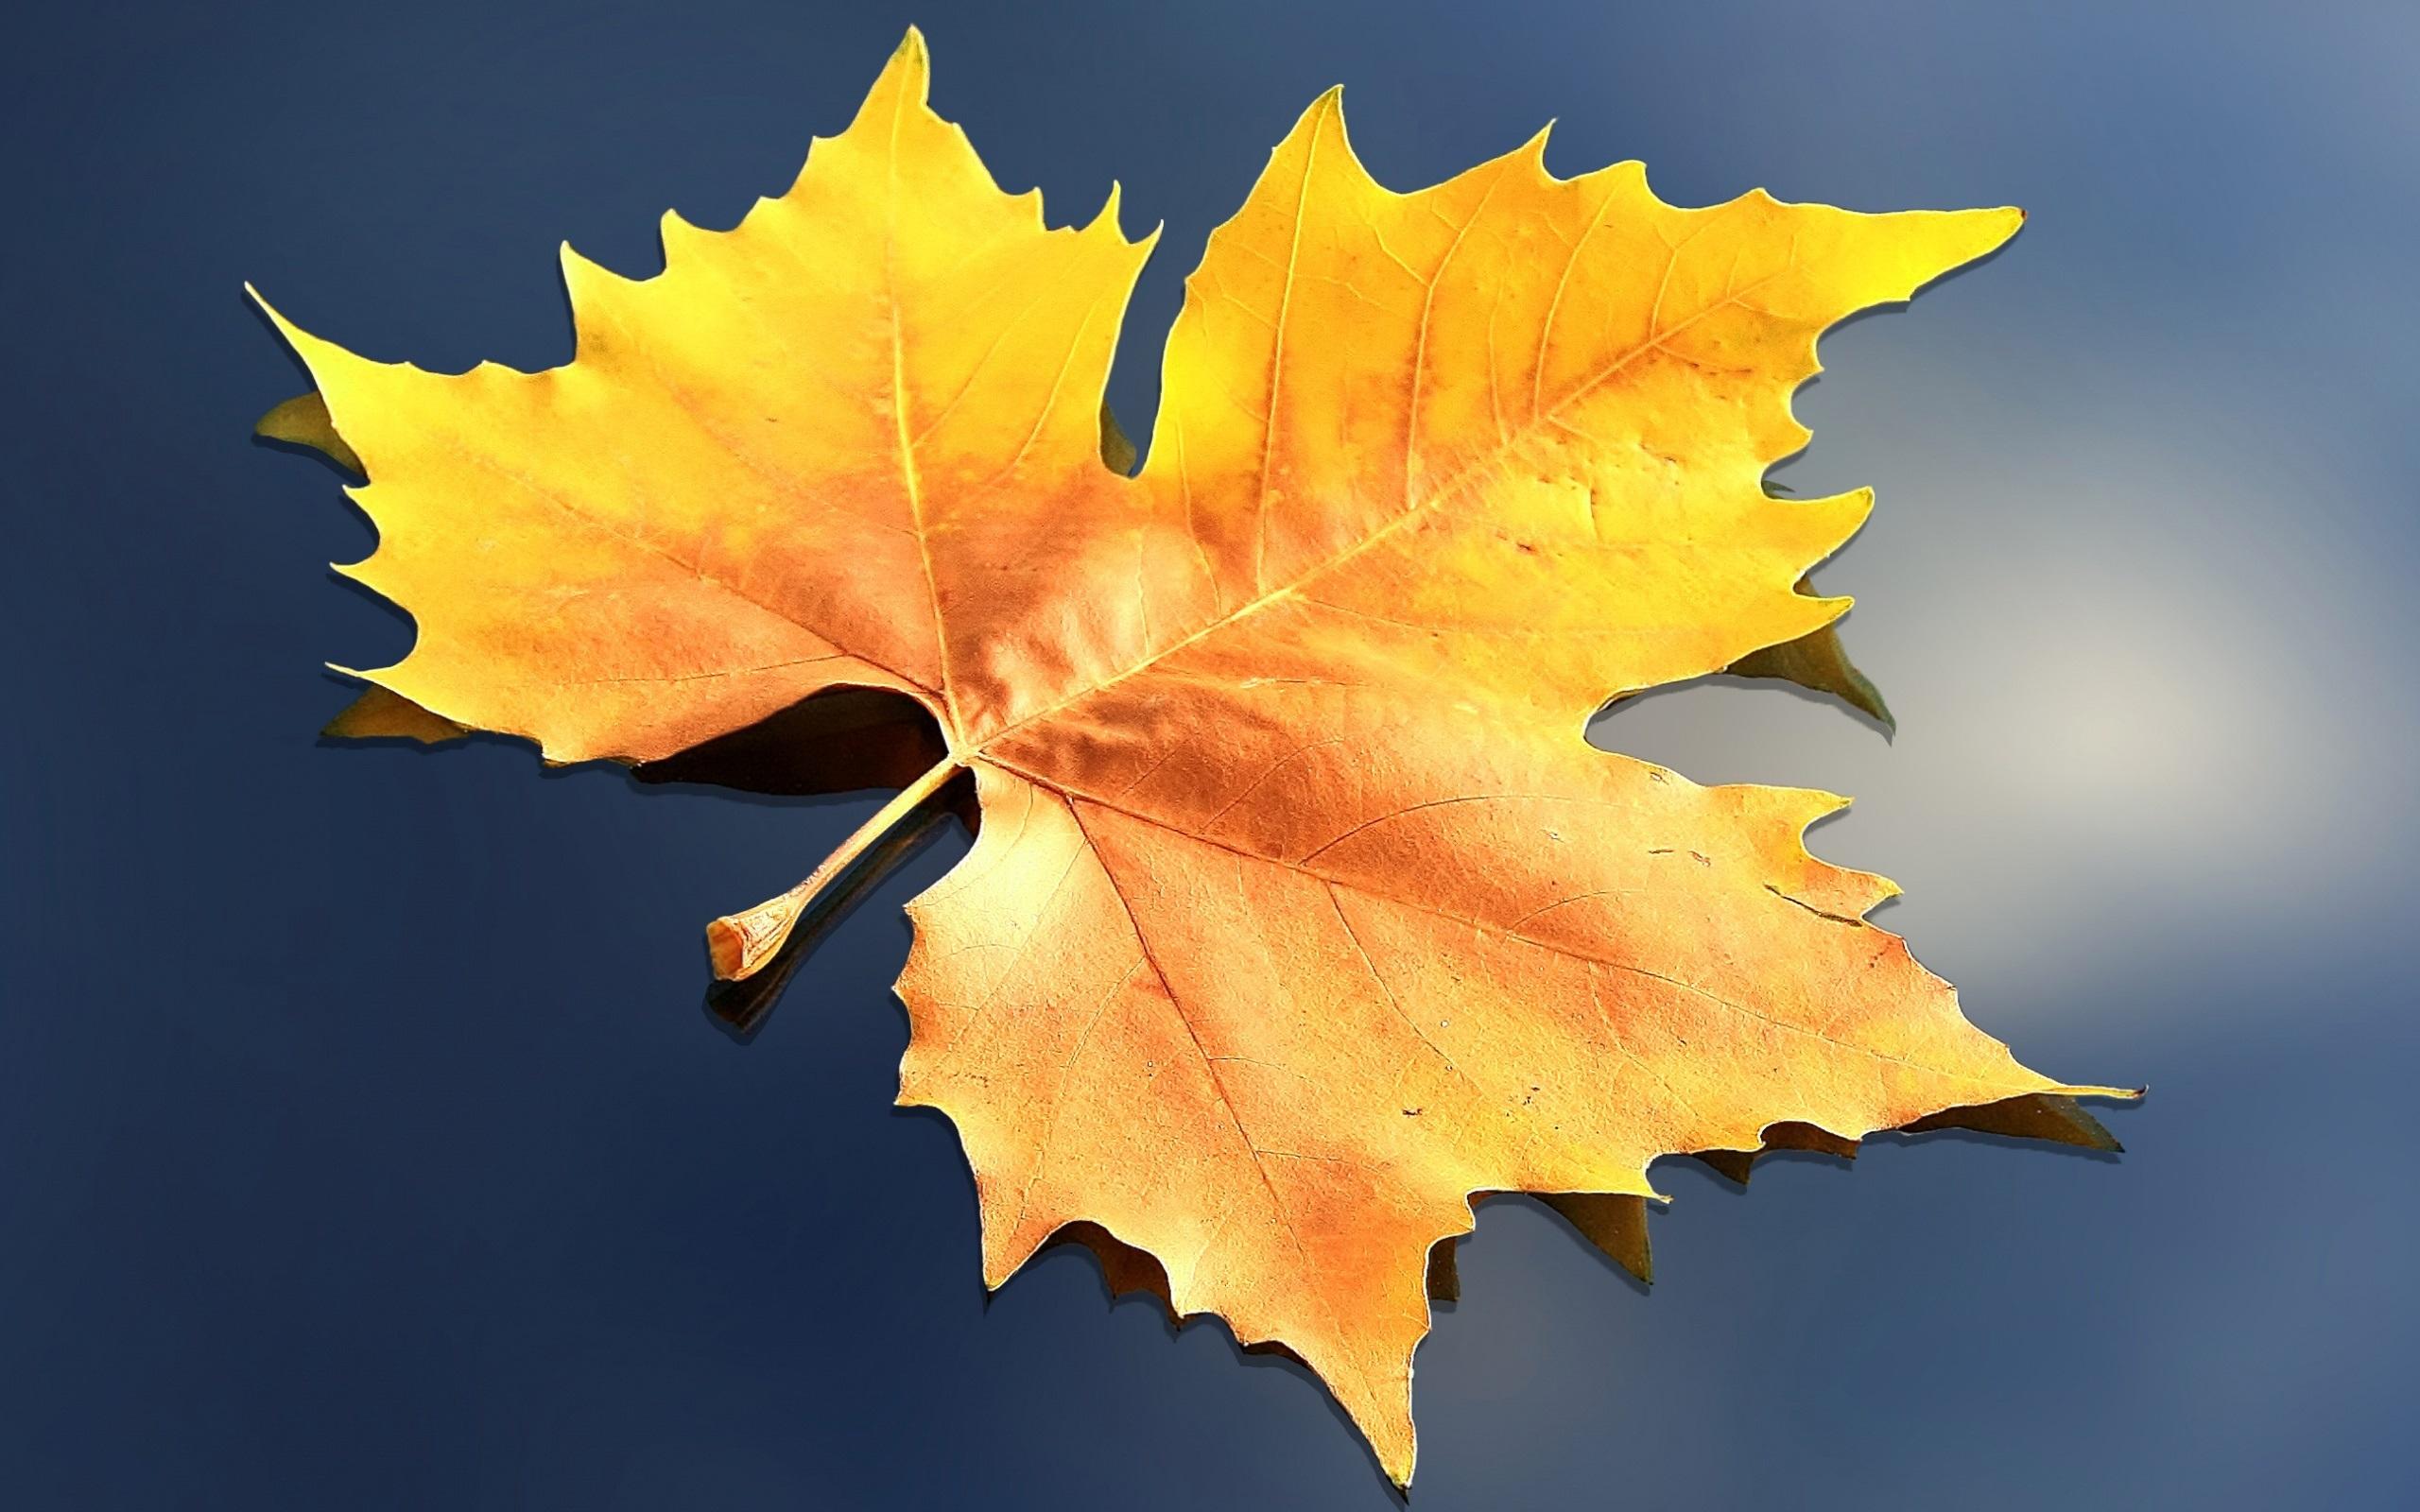 Картинки желтых листьев, открытка